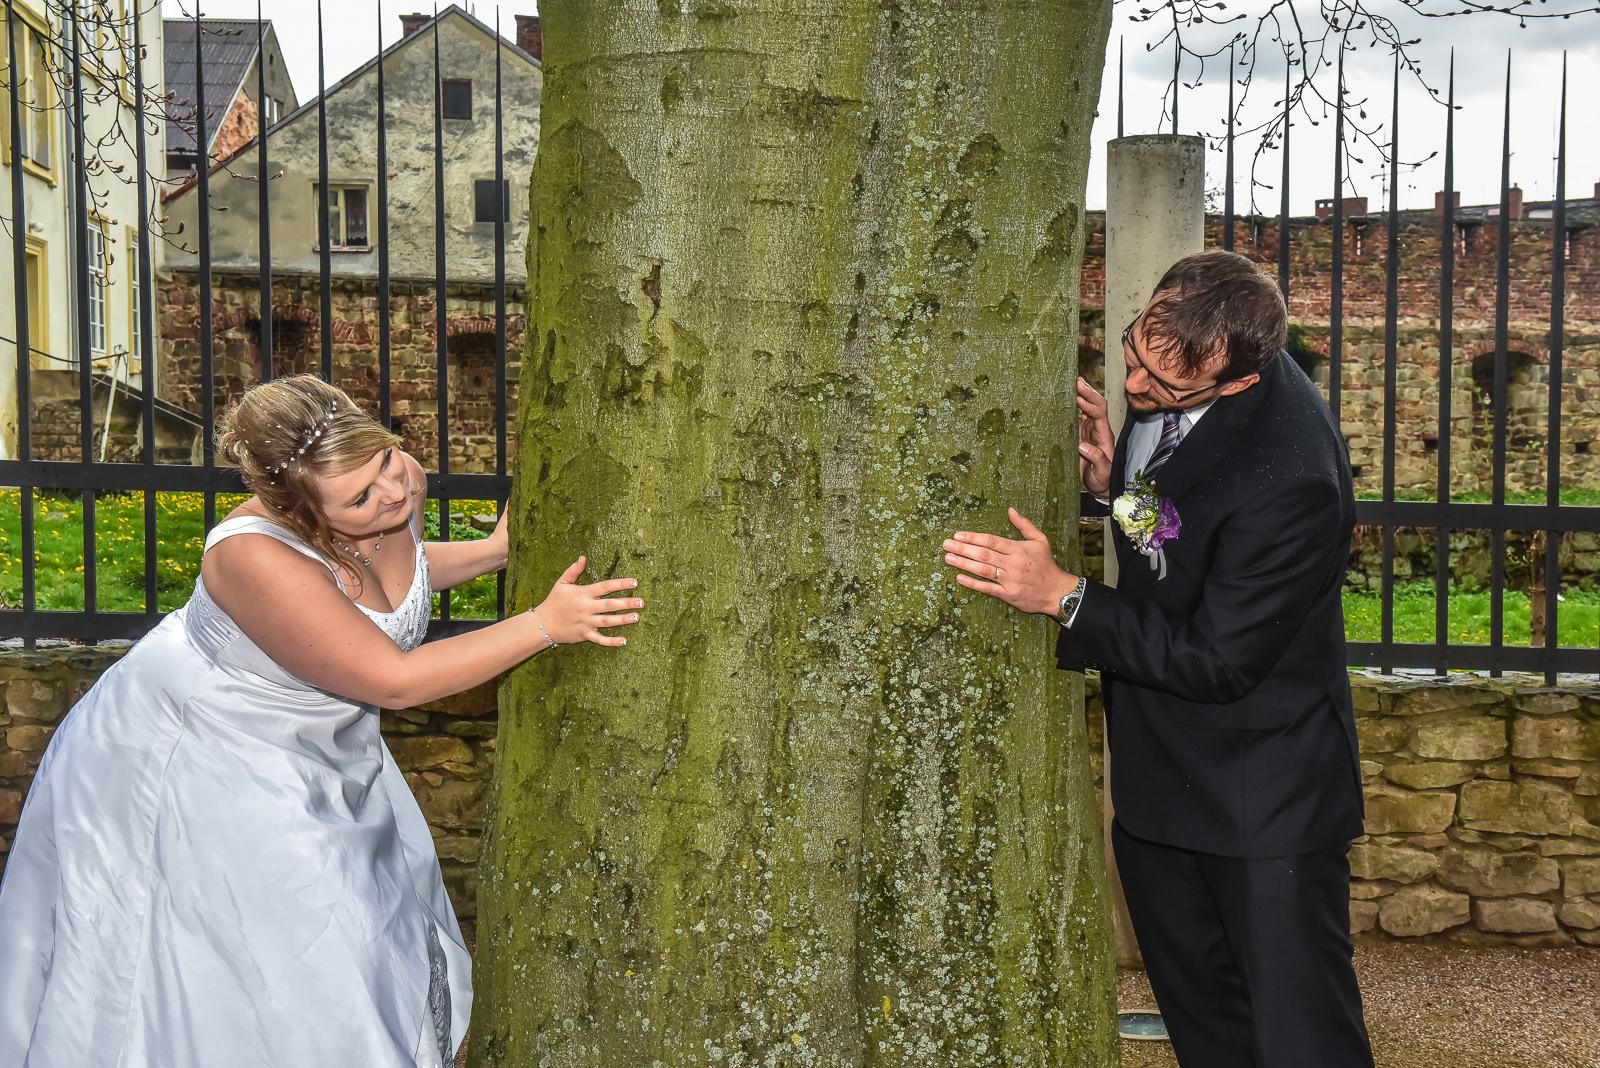 Svatební fotograf se přizpůsobí dešti i sněhu